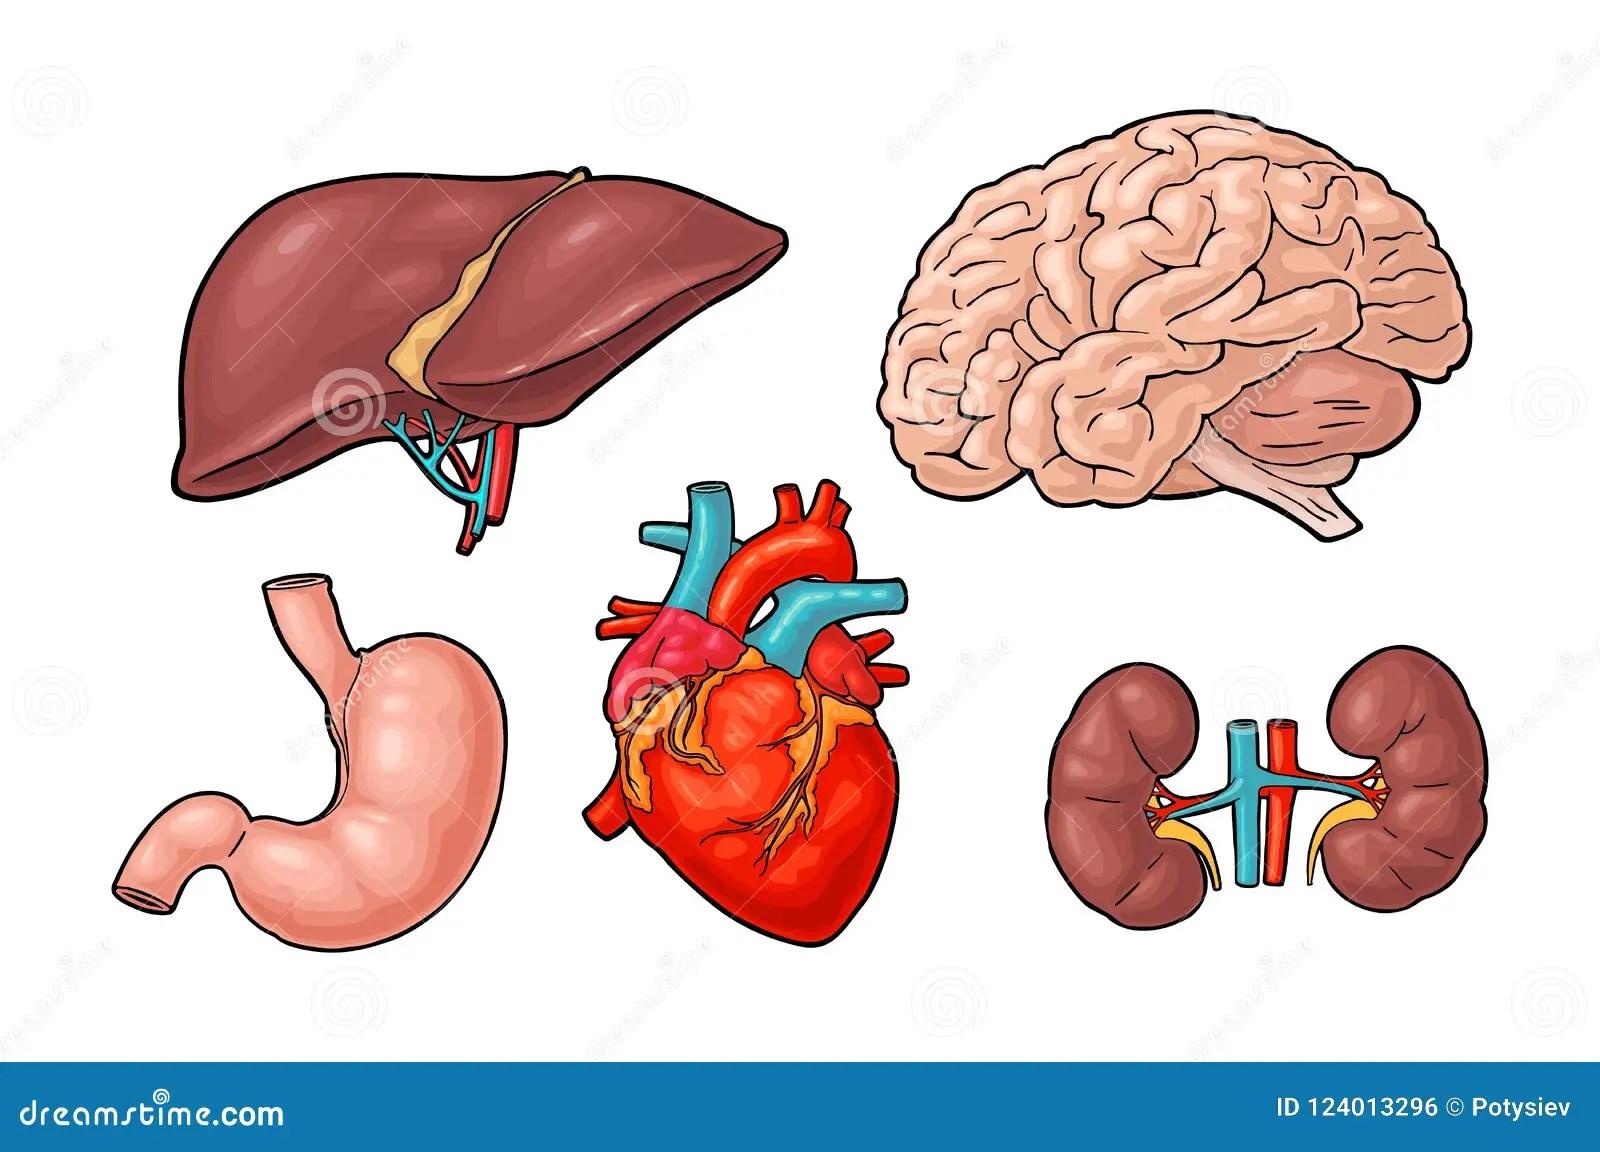 Human Anatomy Organs Brain Kidney Heart Liver Stomach